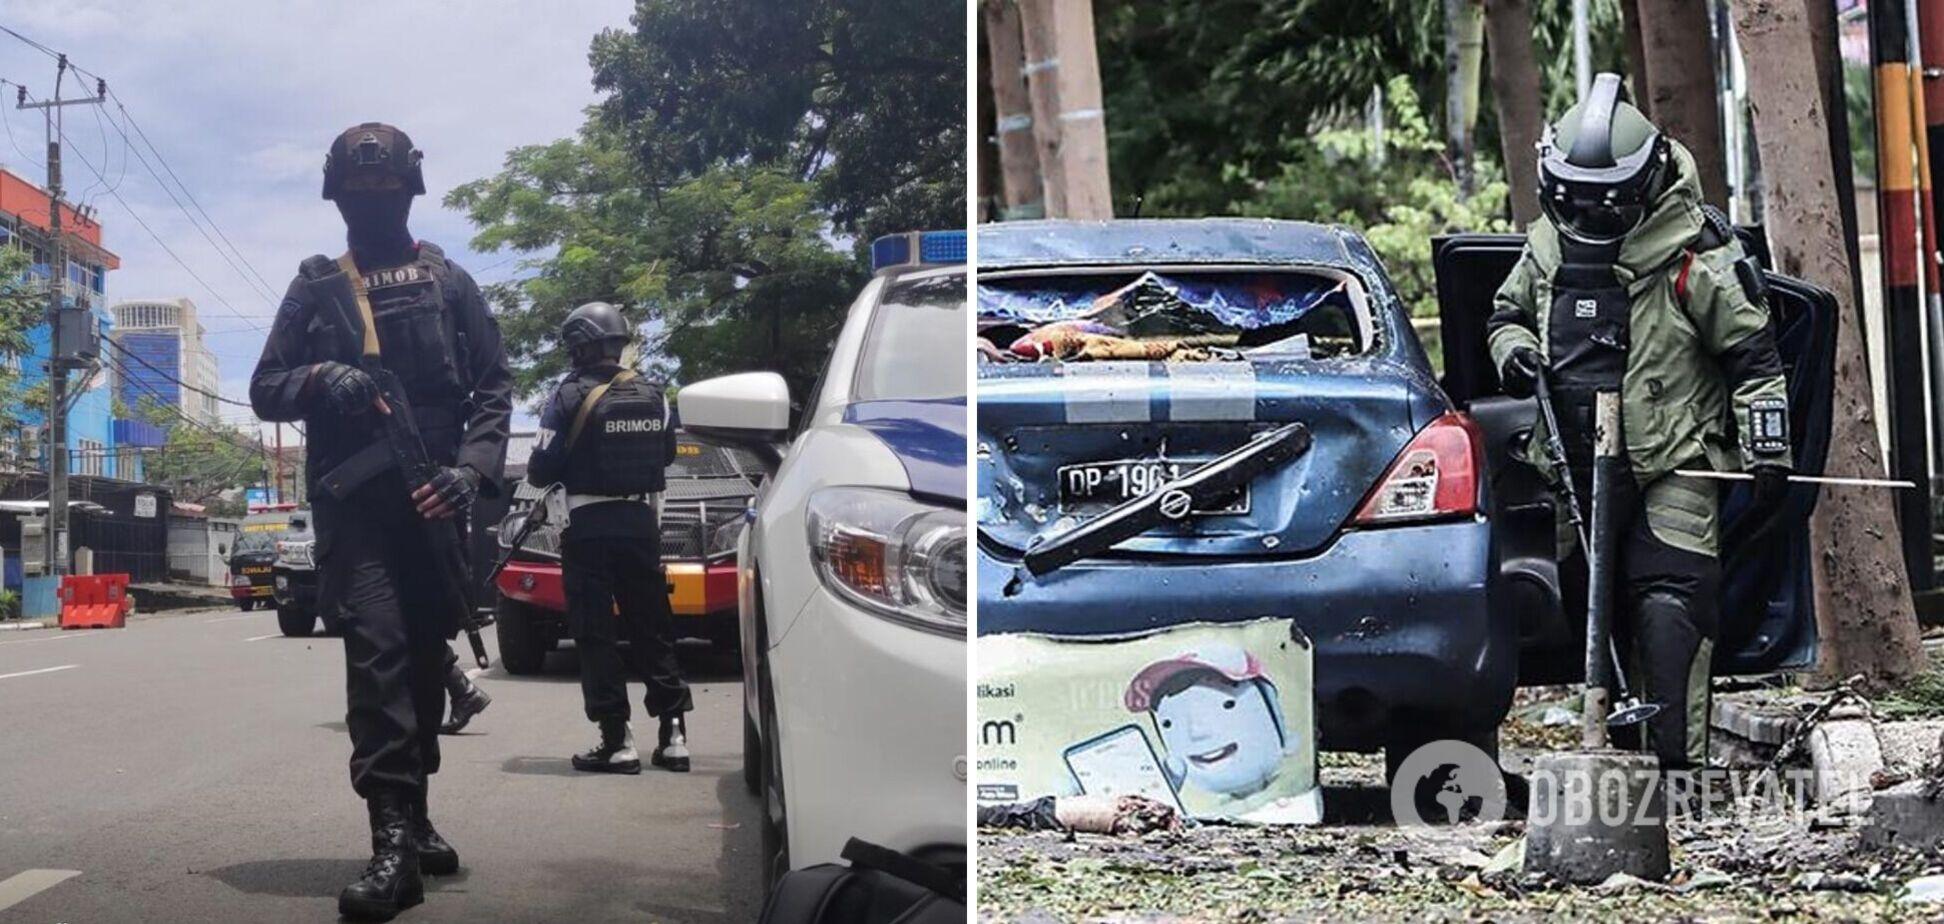 В Индонезии смертники устроили теракт у церкви, есть раненые. Фото и видео